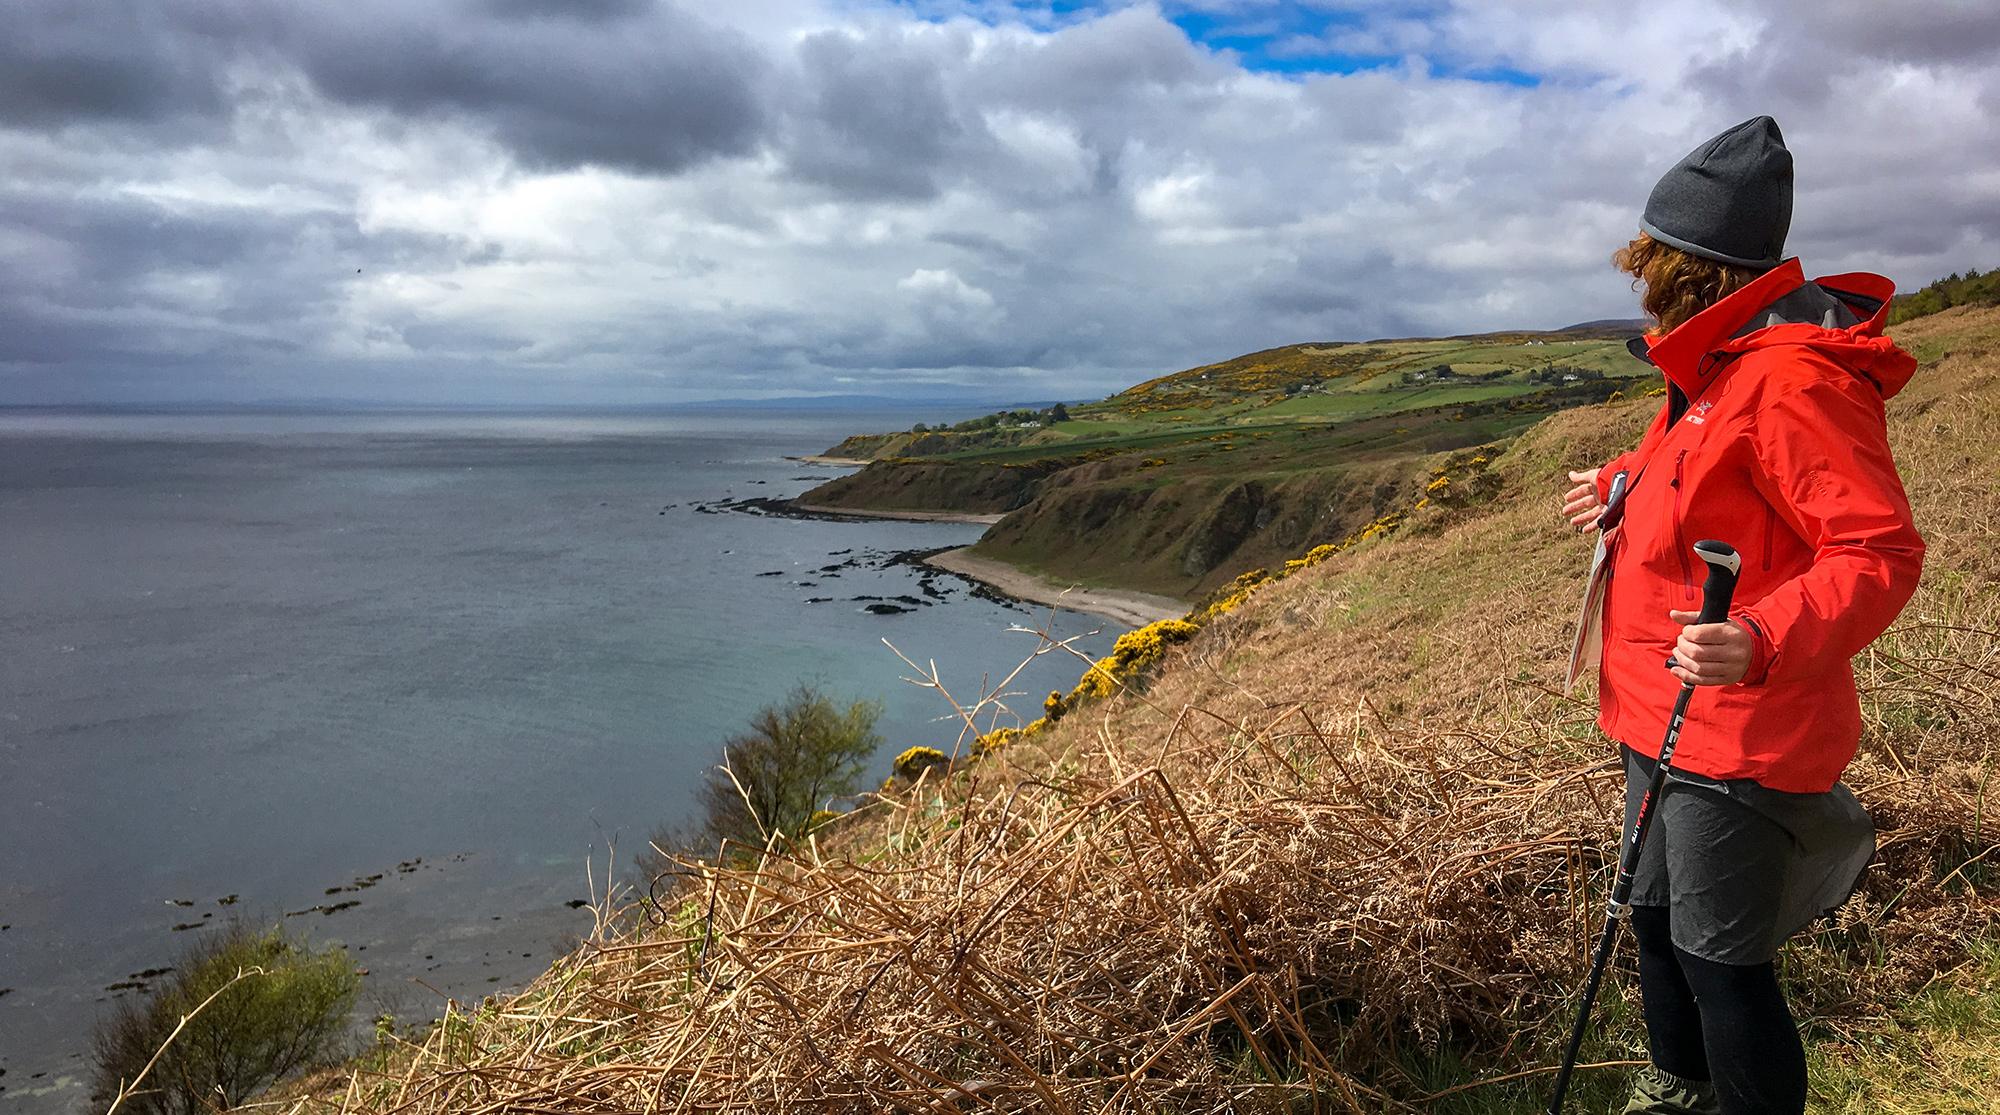 Frau auf einer Klippe am Meer in Schottland